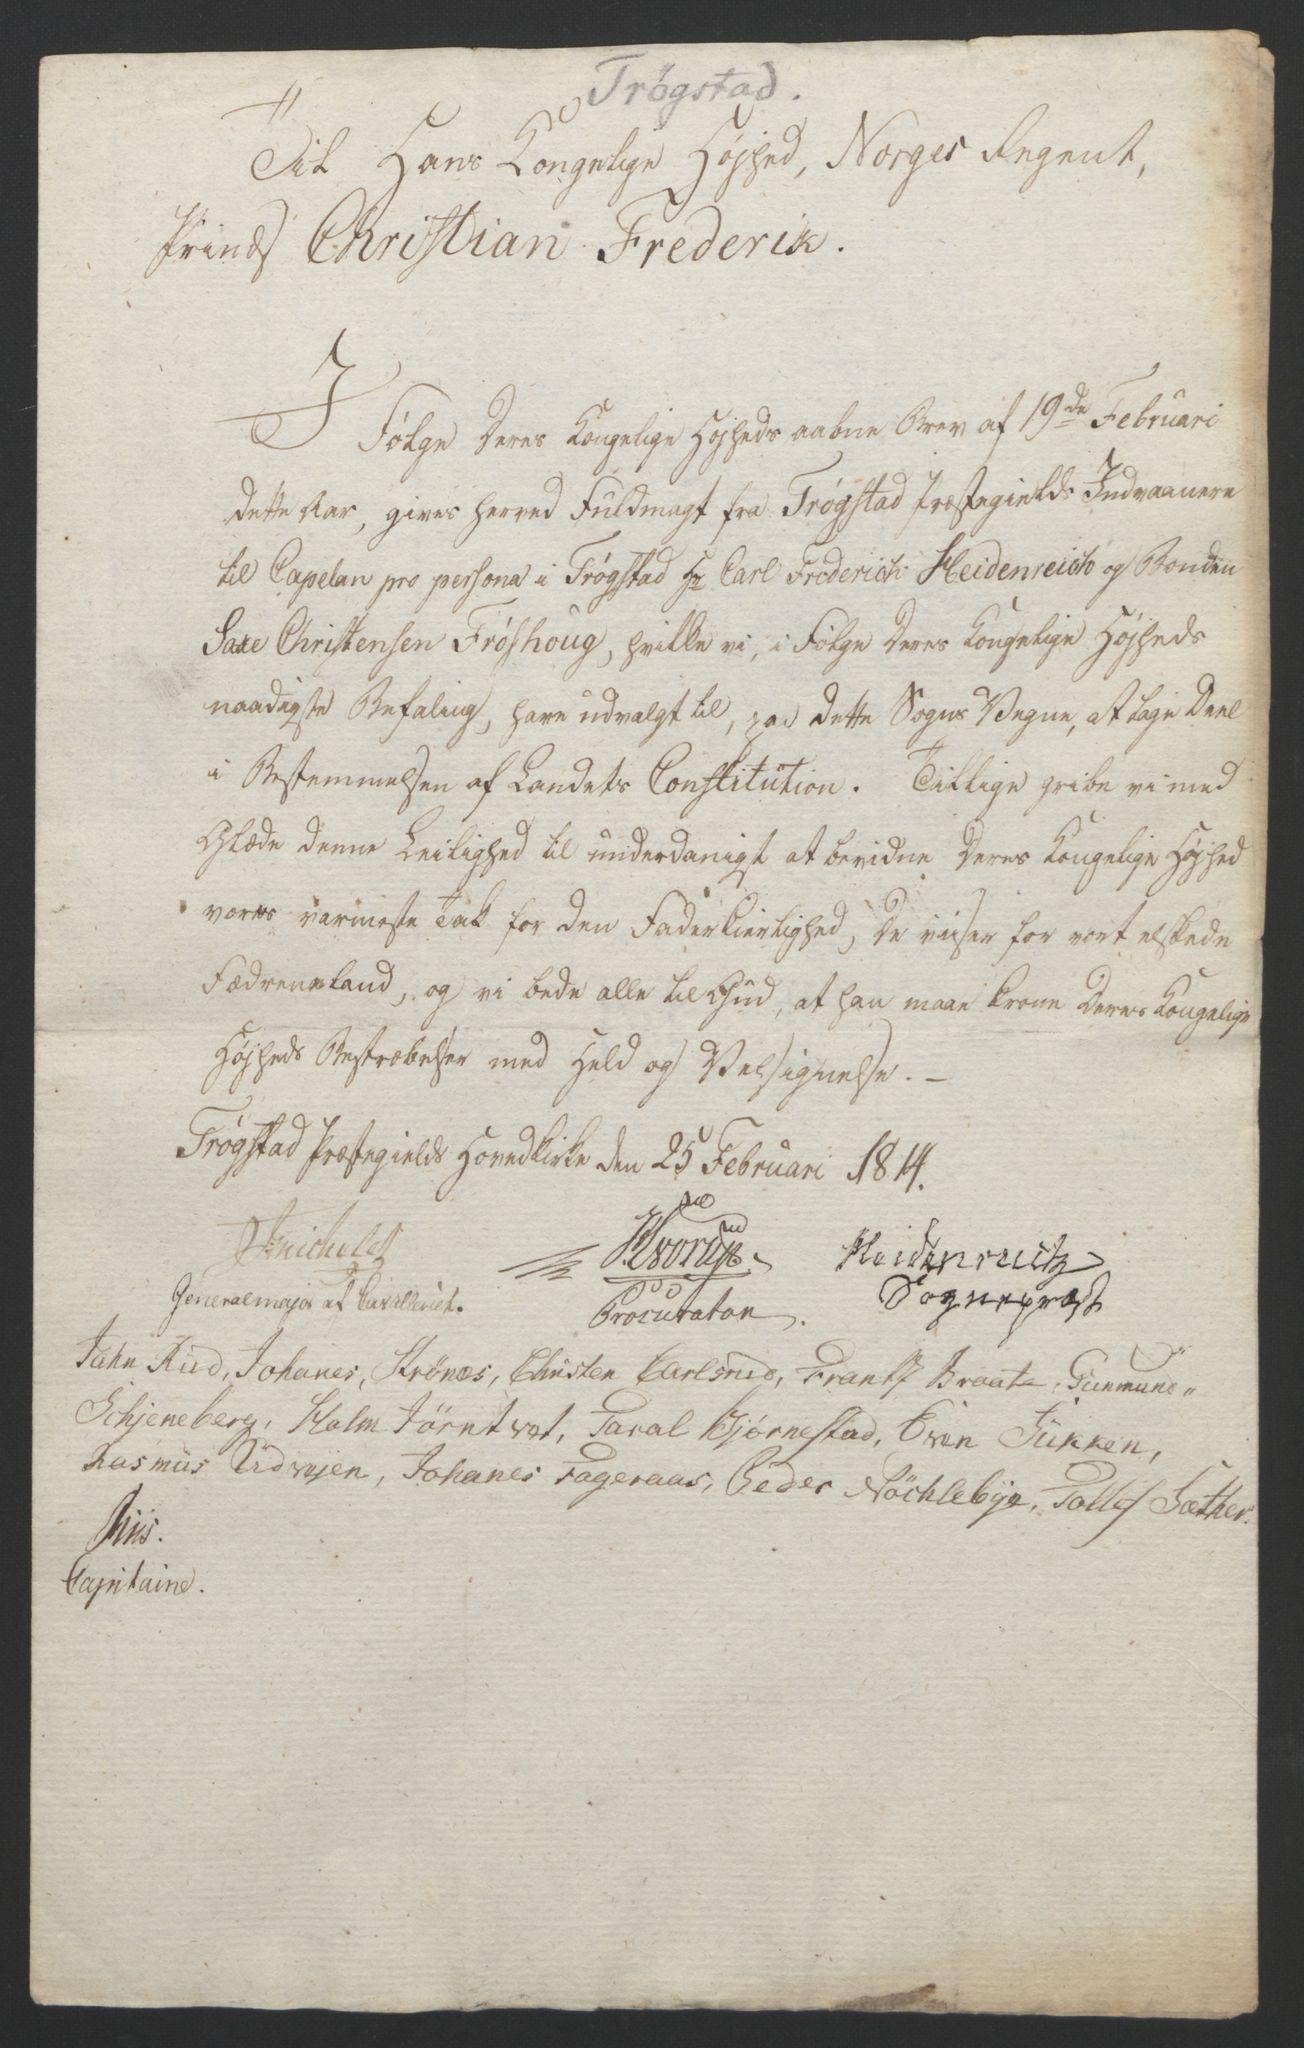 RA, Statsrådssekretariatet, D/Db/L0007: Fullmakter for Eidsvollsrepresentantene i 1814. , 1814, s. 168